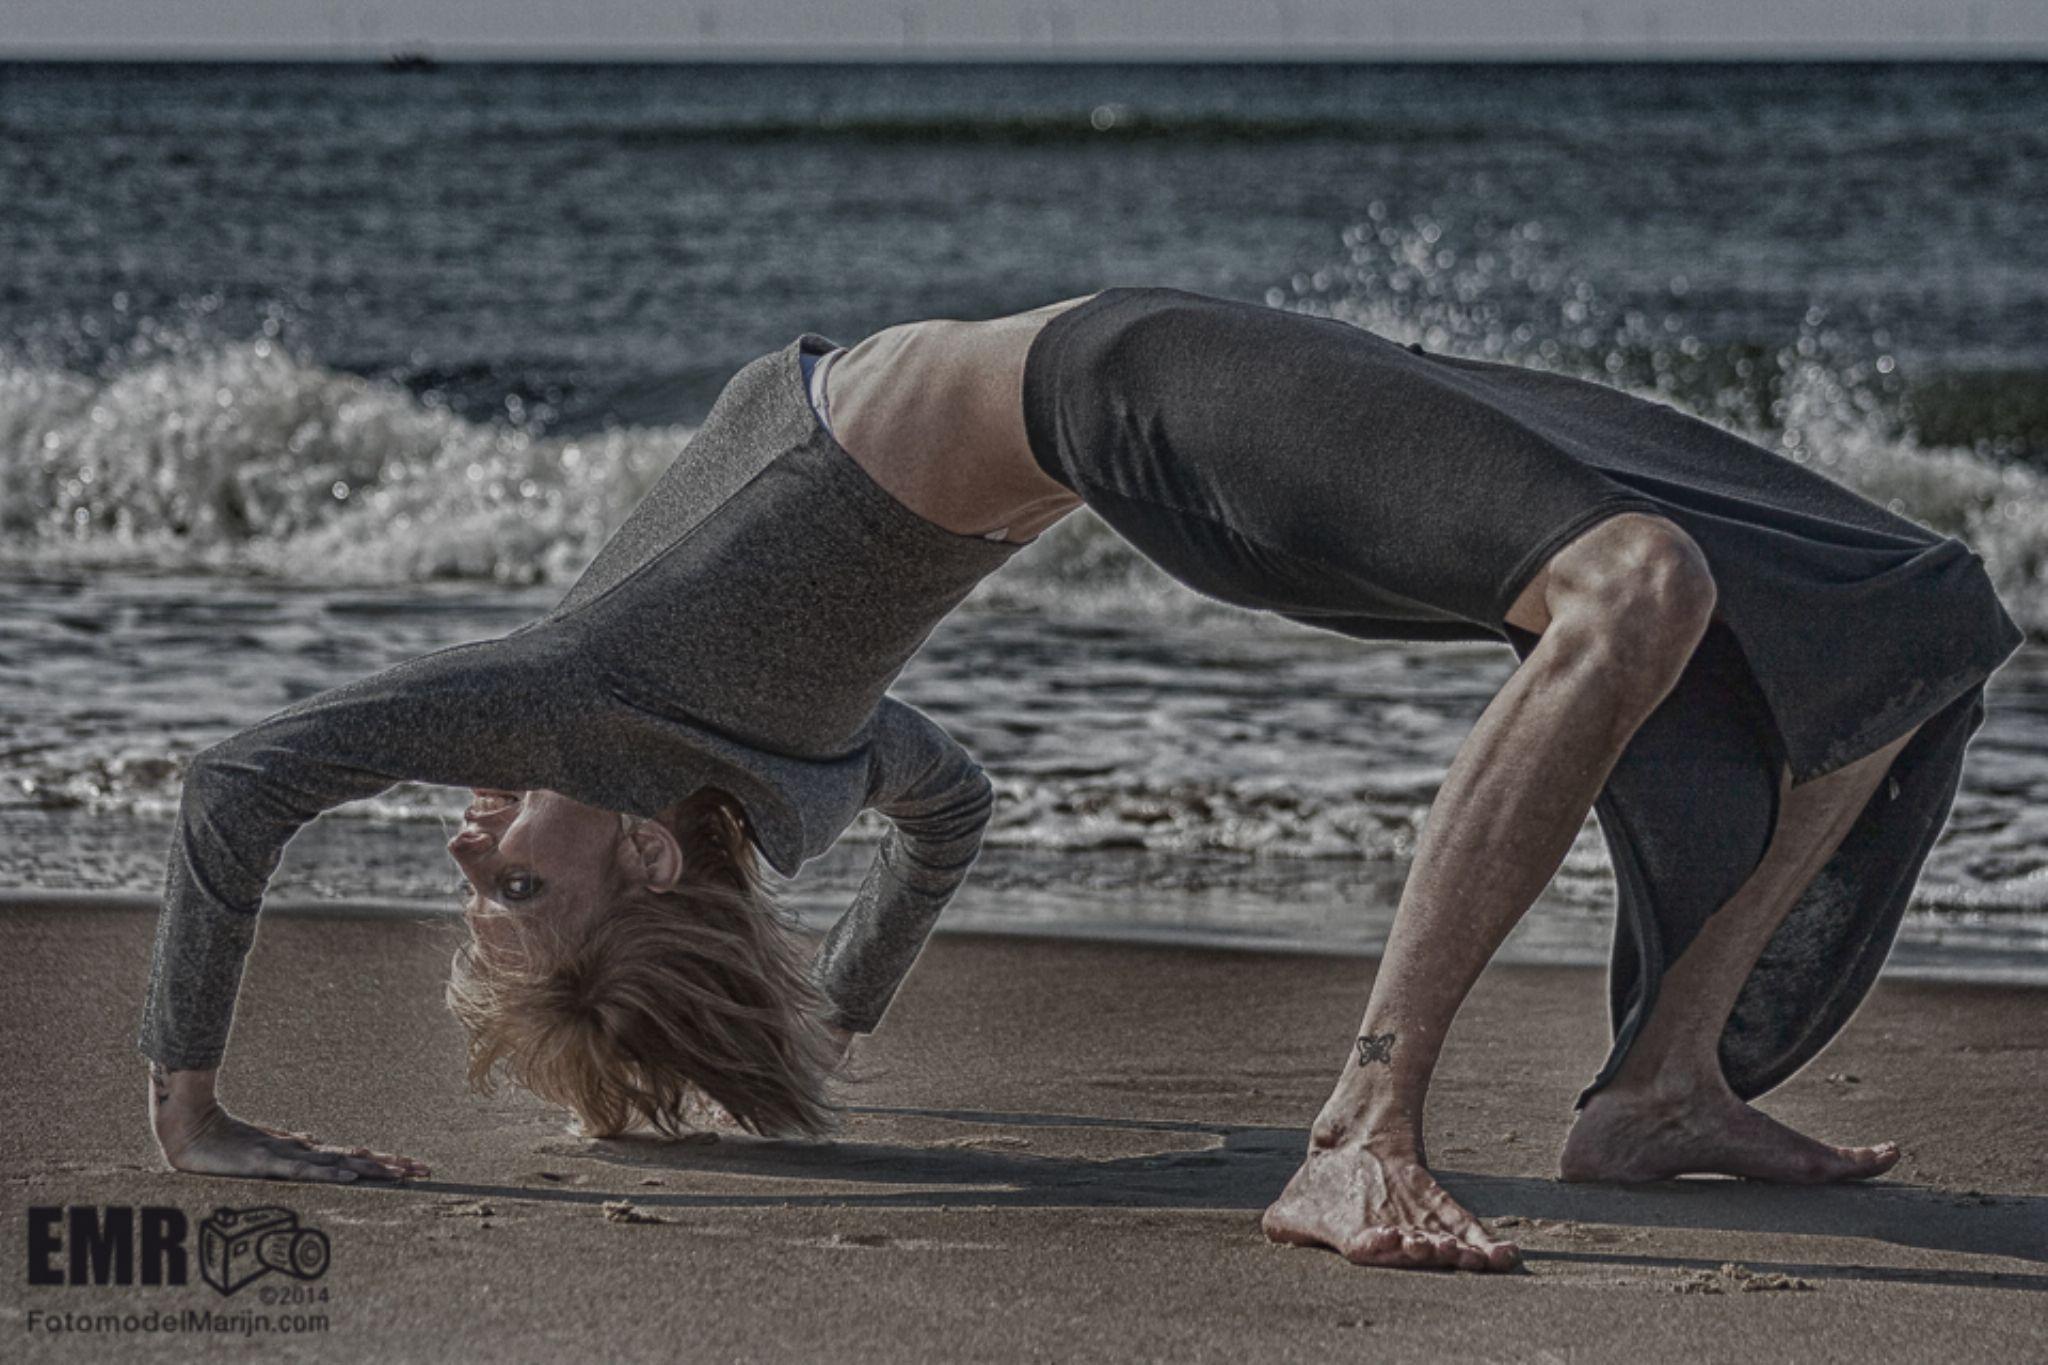 Model: Inge Vellema by EMR Photography & Fotomodel Marijn